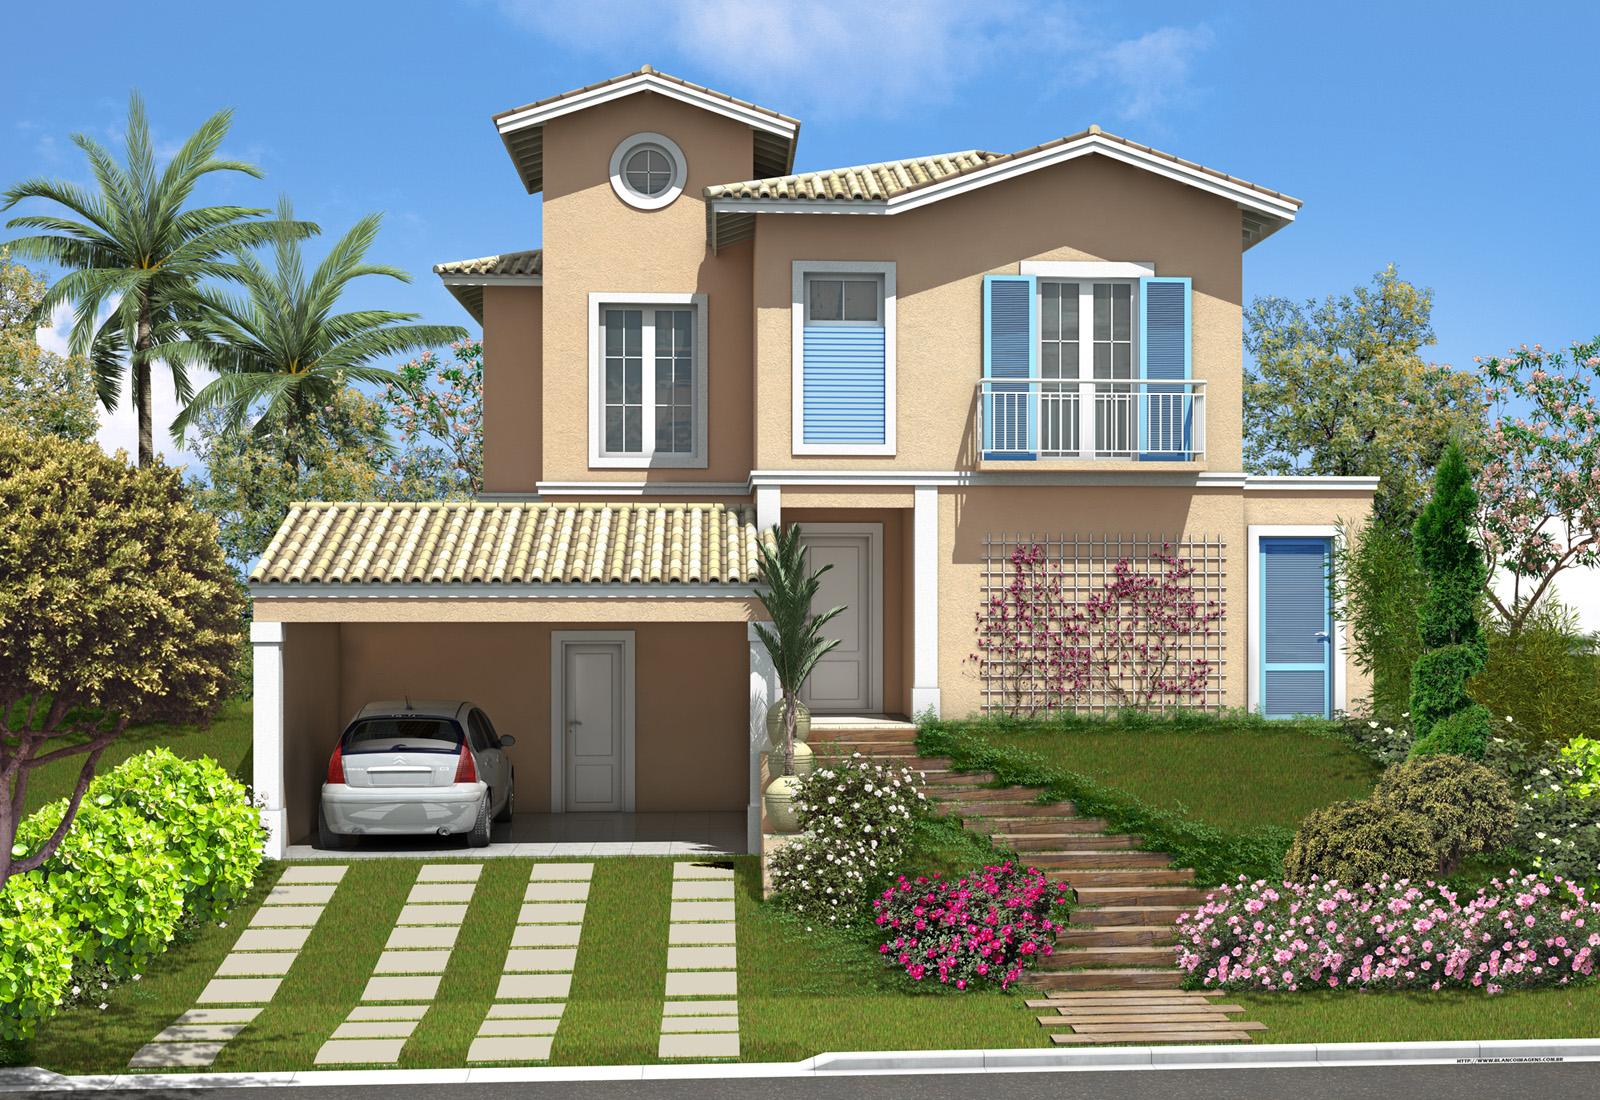 Inmobiliaria lanza primer proyecto de casas personalizadas for Pisos de inmobiliarias